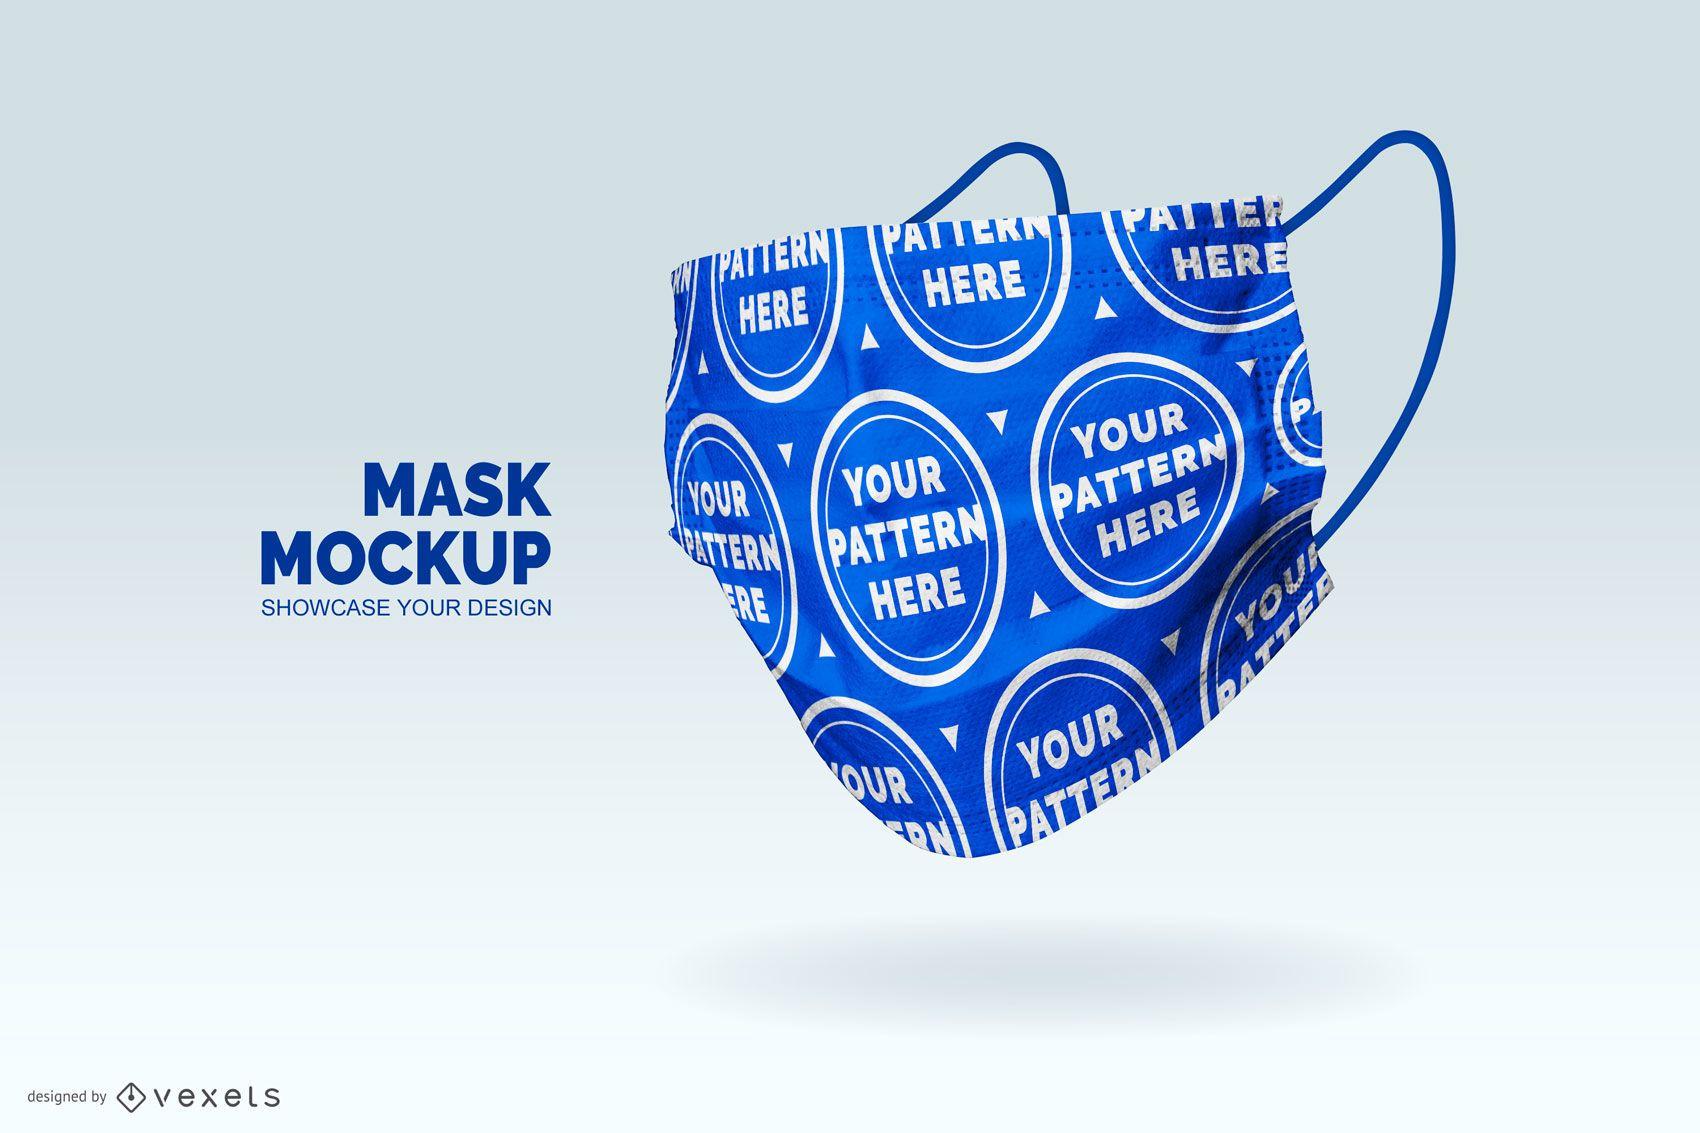 Medical mask pattern mockup